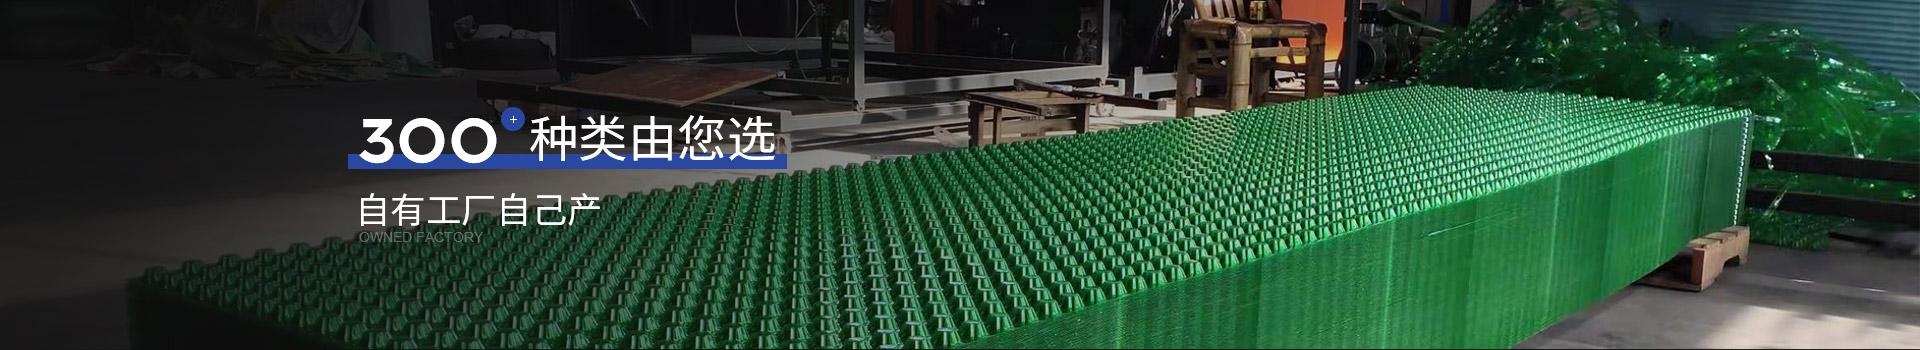 置顶PVC排水板自有工厂自己产